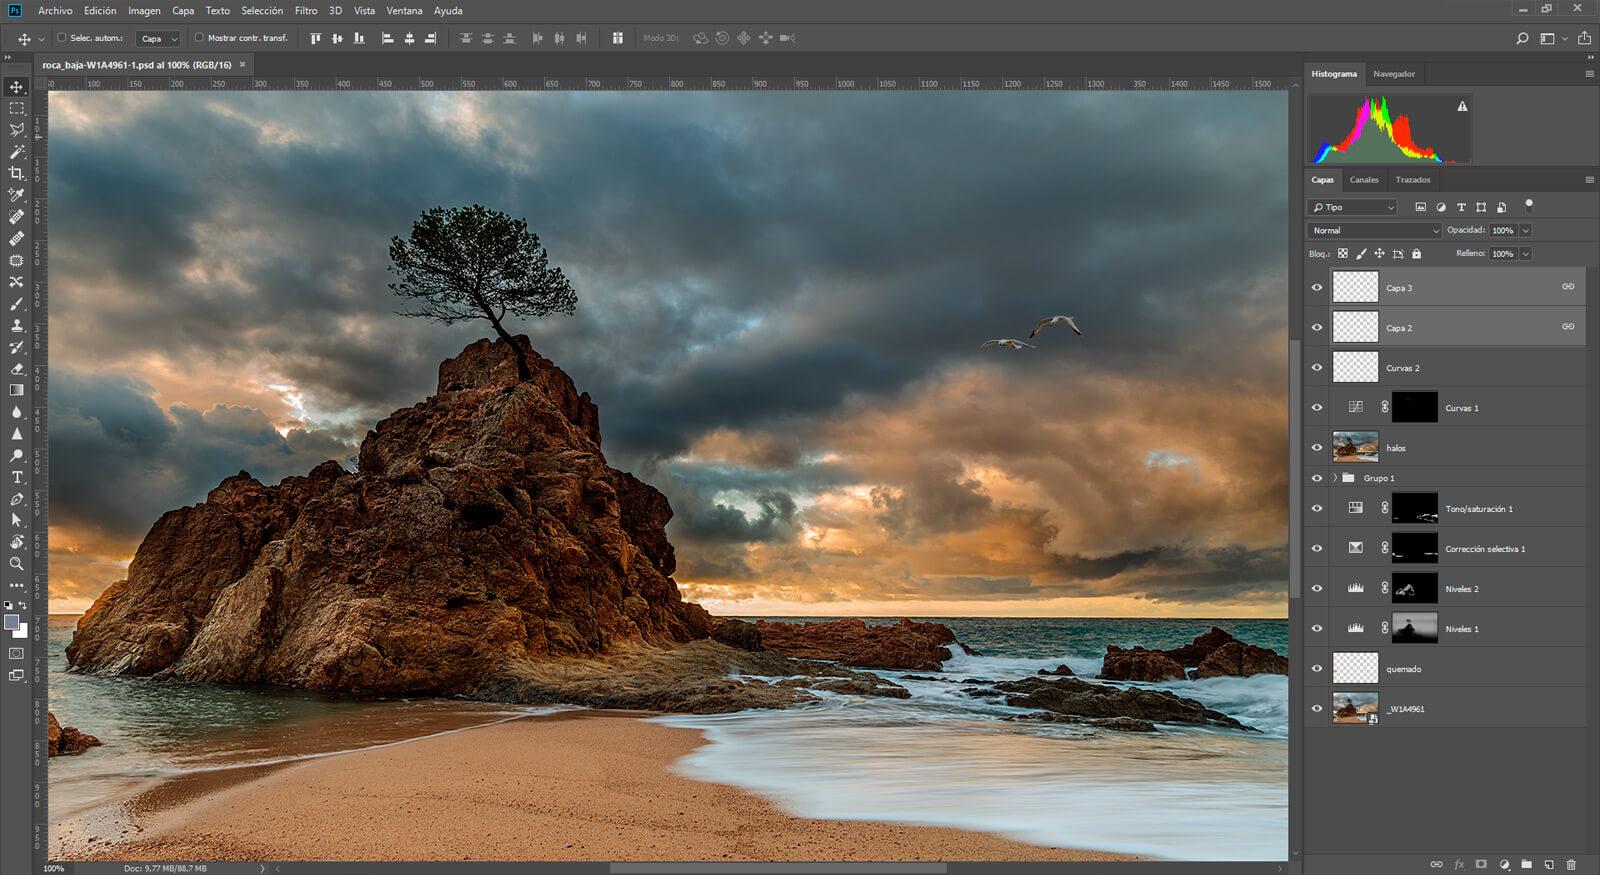 curso-photoshop-fotografos